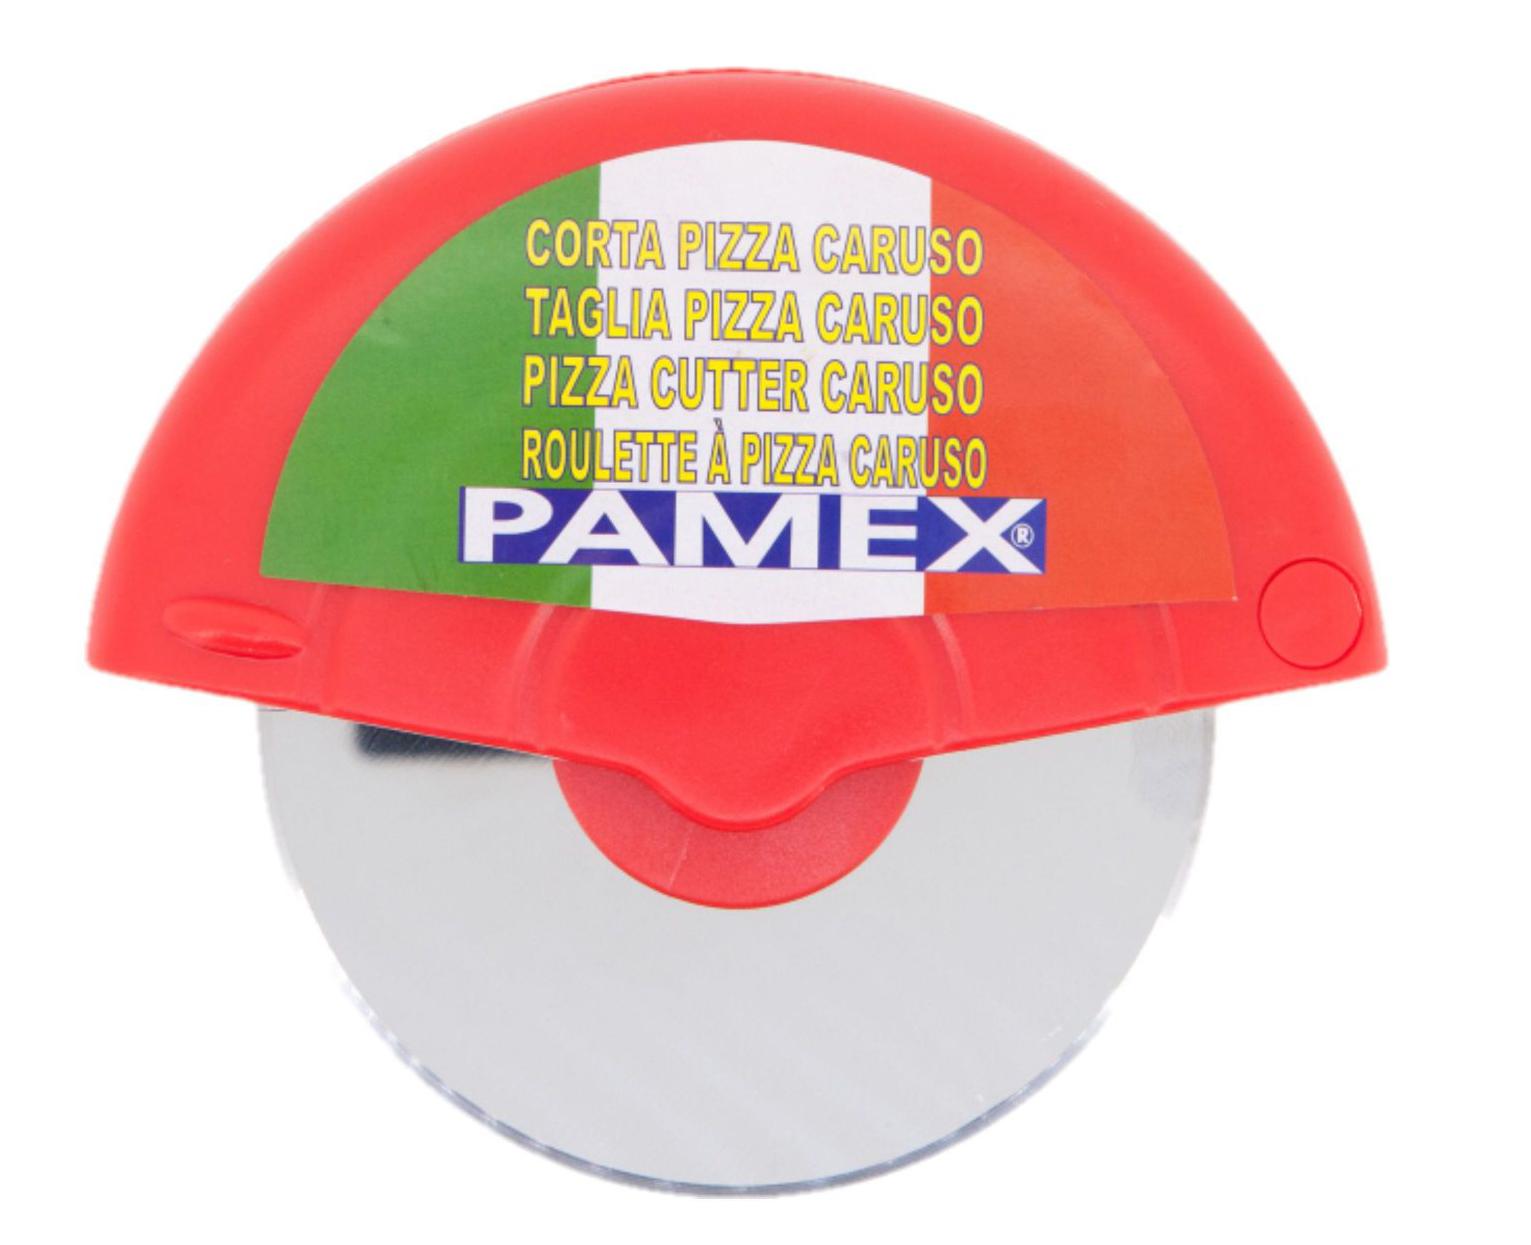 CORTA PIZZA CARUSO PAMEX LOTE C-2